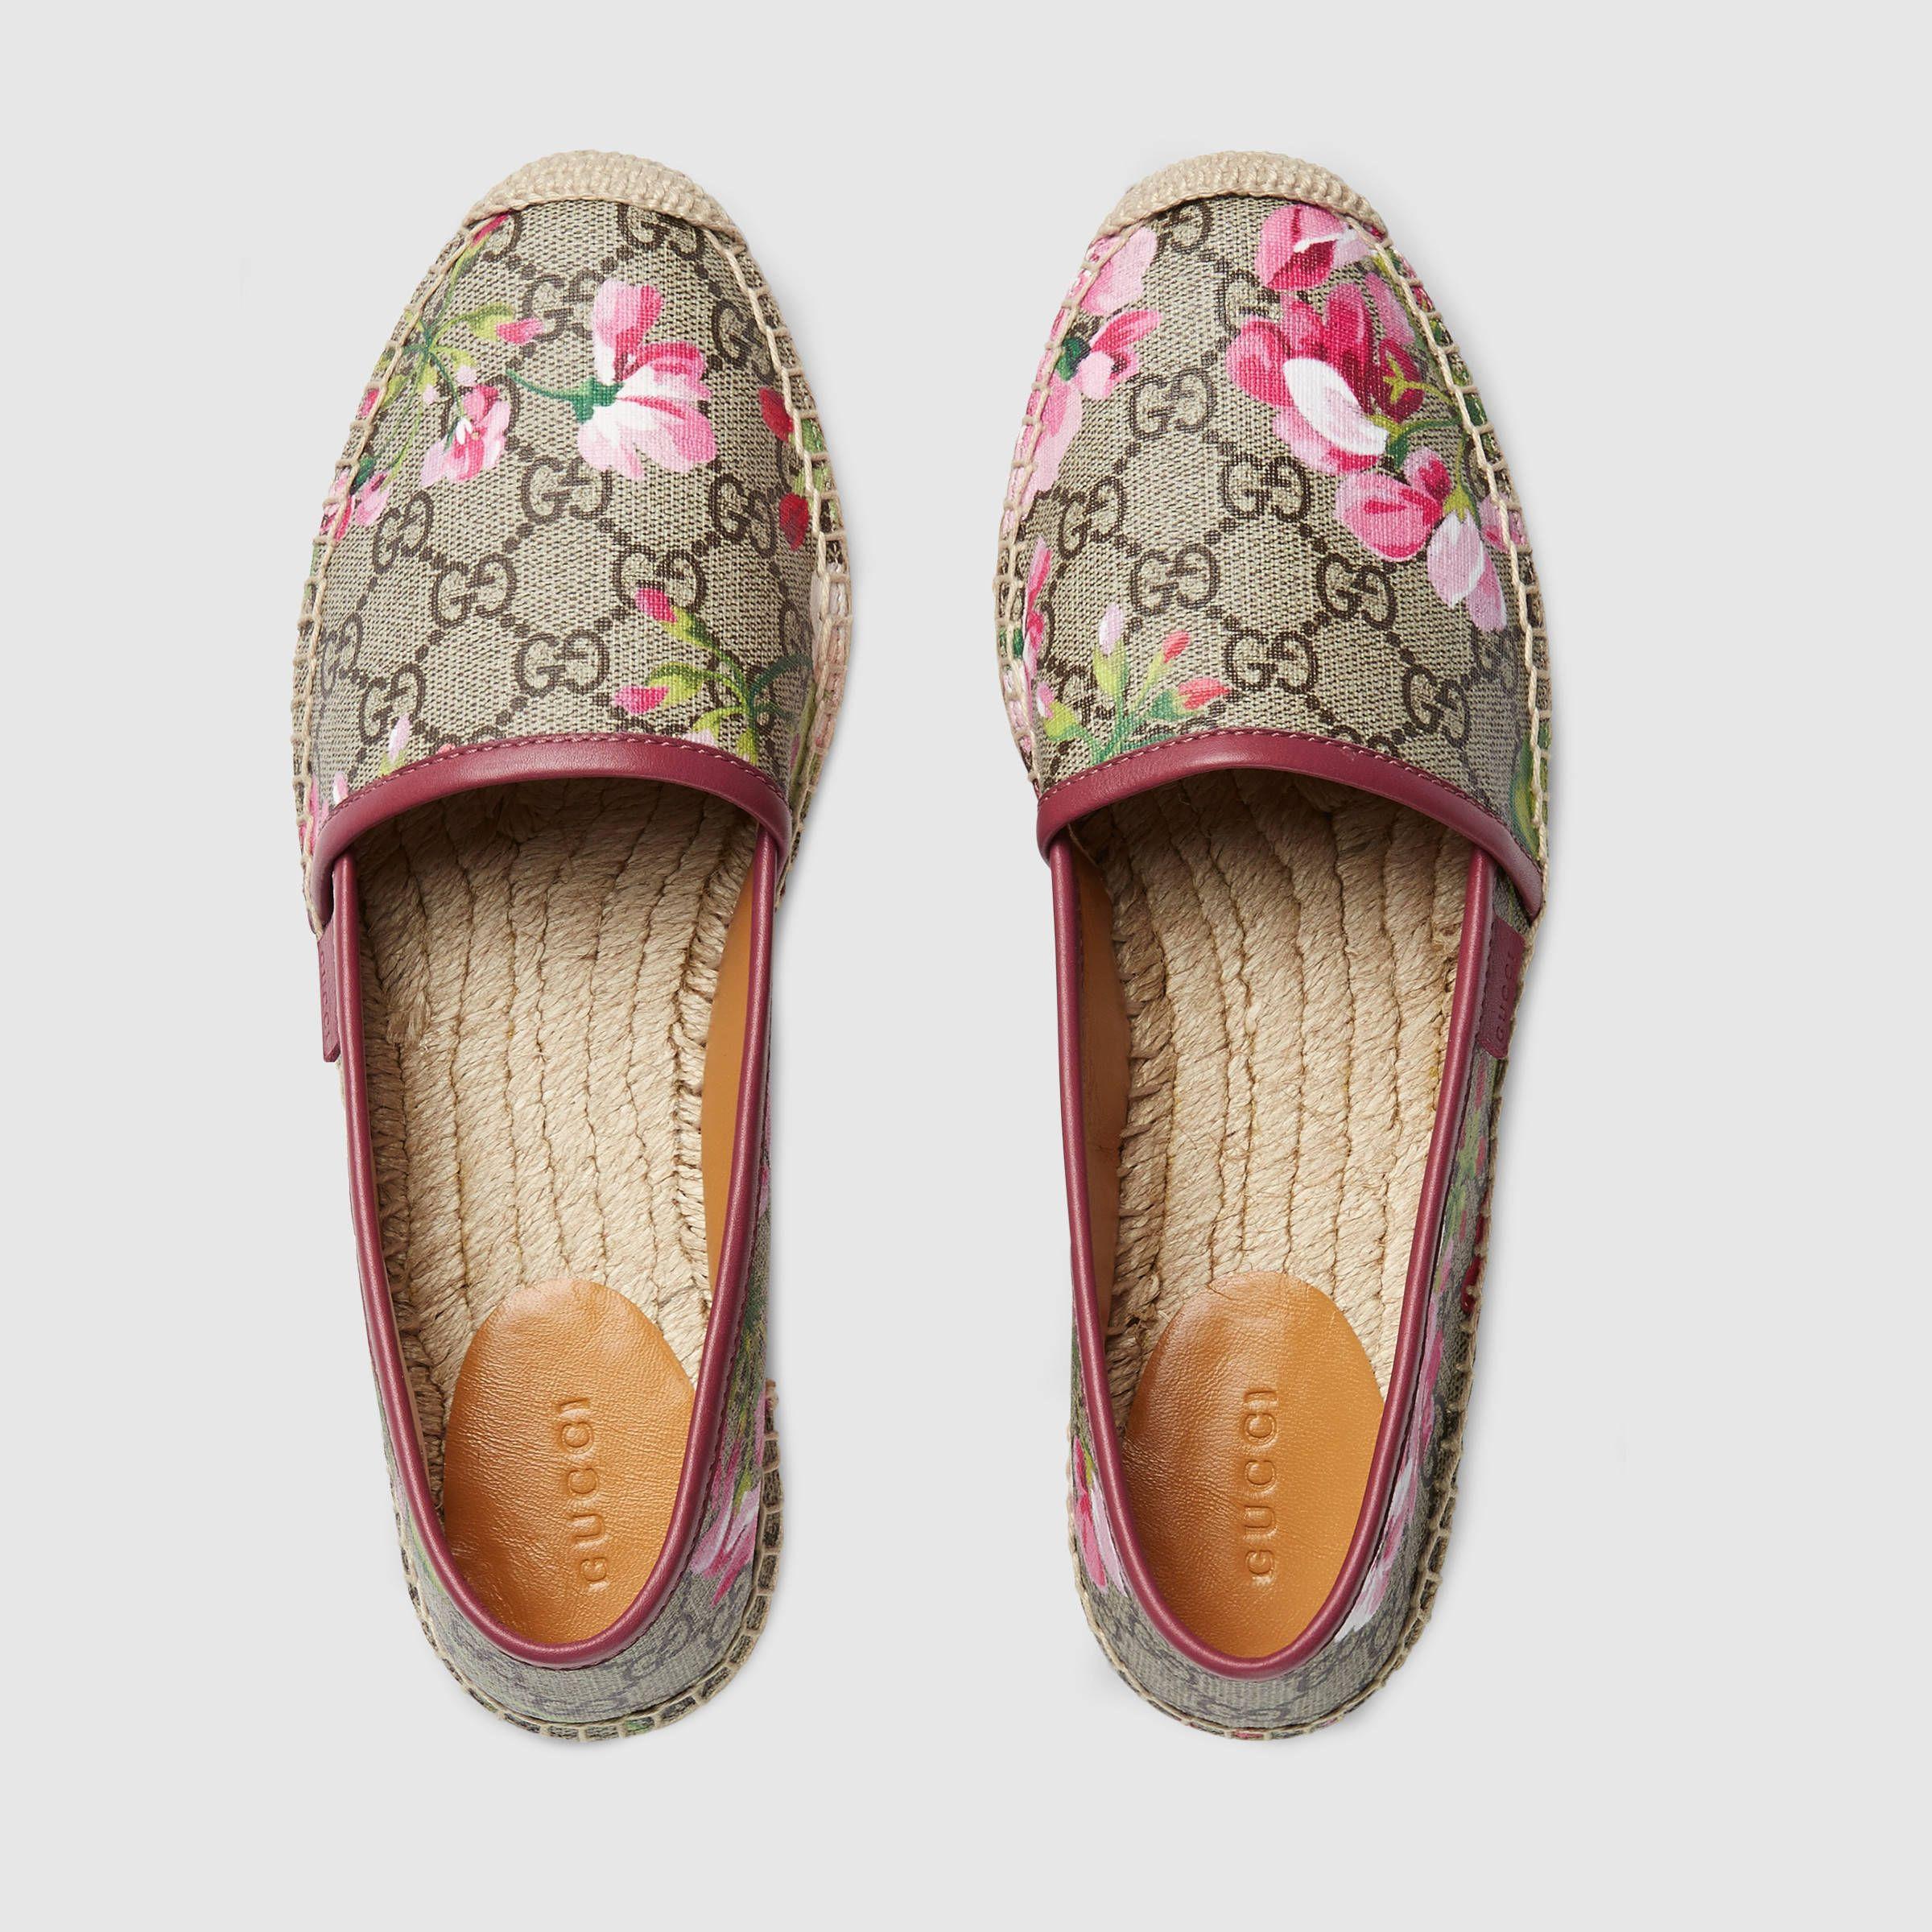 eb1cab920 Gucci Women - GG Blooms Supreme espadrille - 427110KU2308973 | week ...